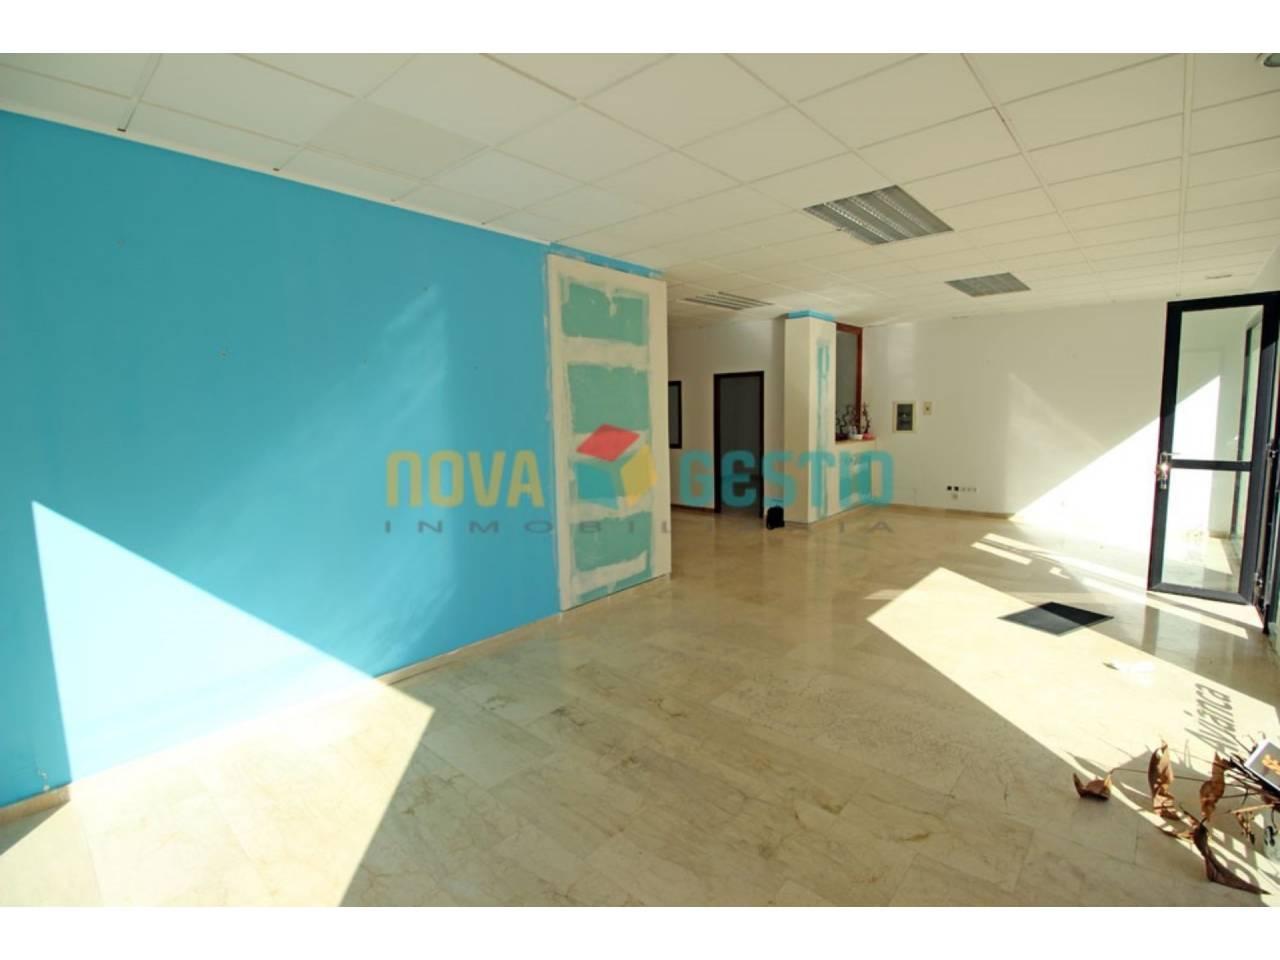 Rental Business premise  Manacor. Precioso local de 117 m² en alquiler en Manacor, muy bien situad